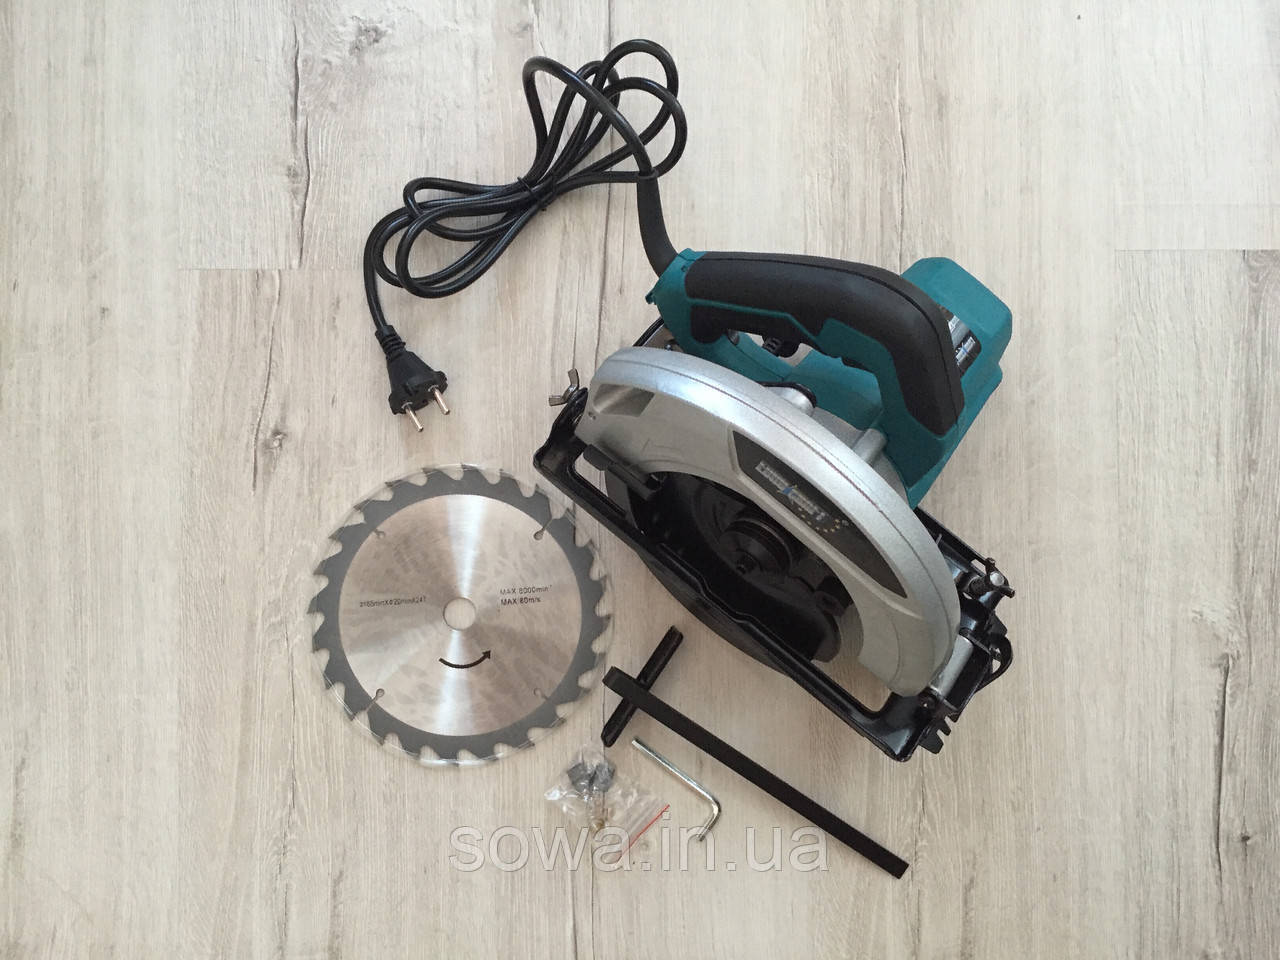 ✔️ Пила дисковая Euro Craft cs 214 _ черная коробка     1800Вт, 185мм